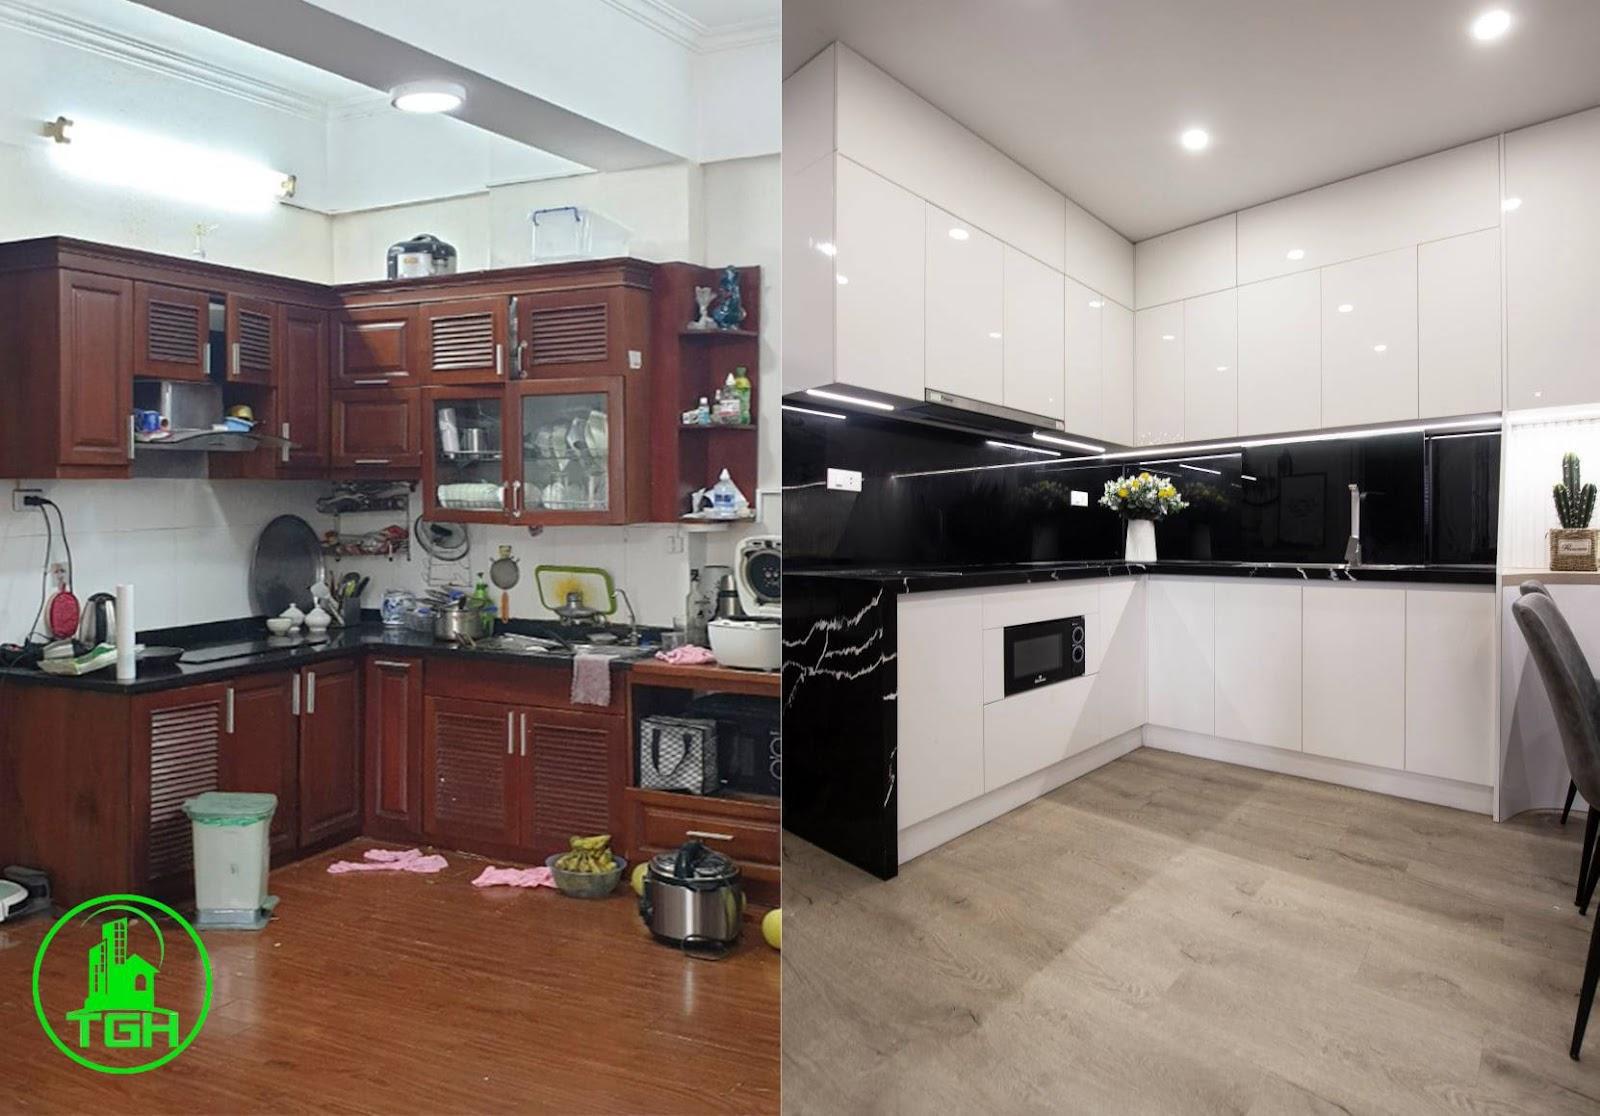 trước và sau khi sửa chữa